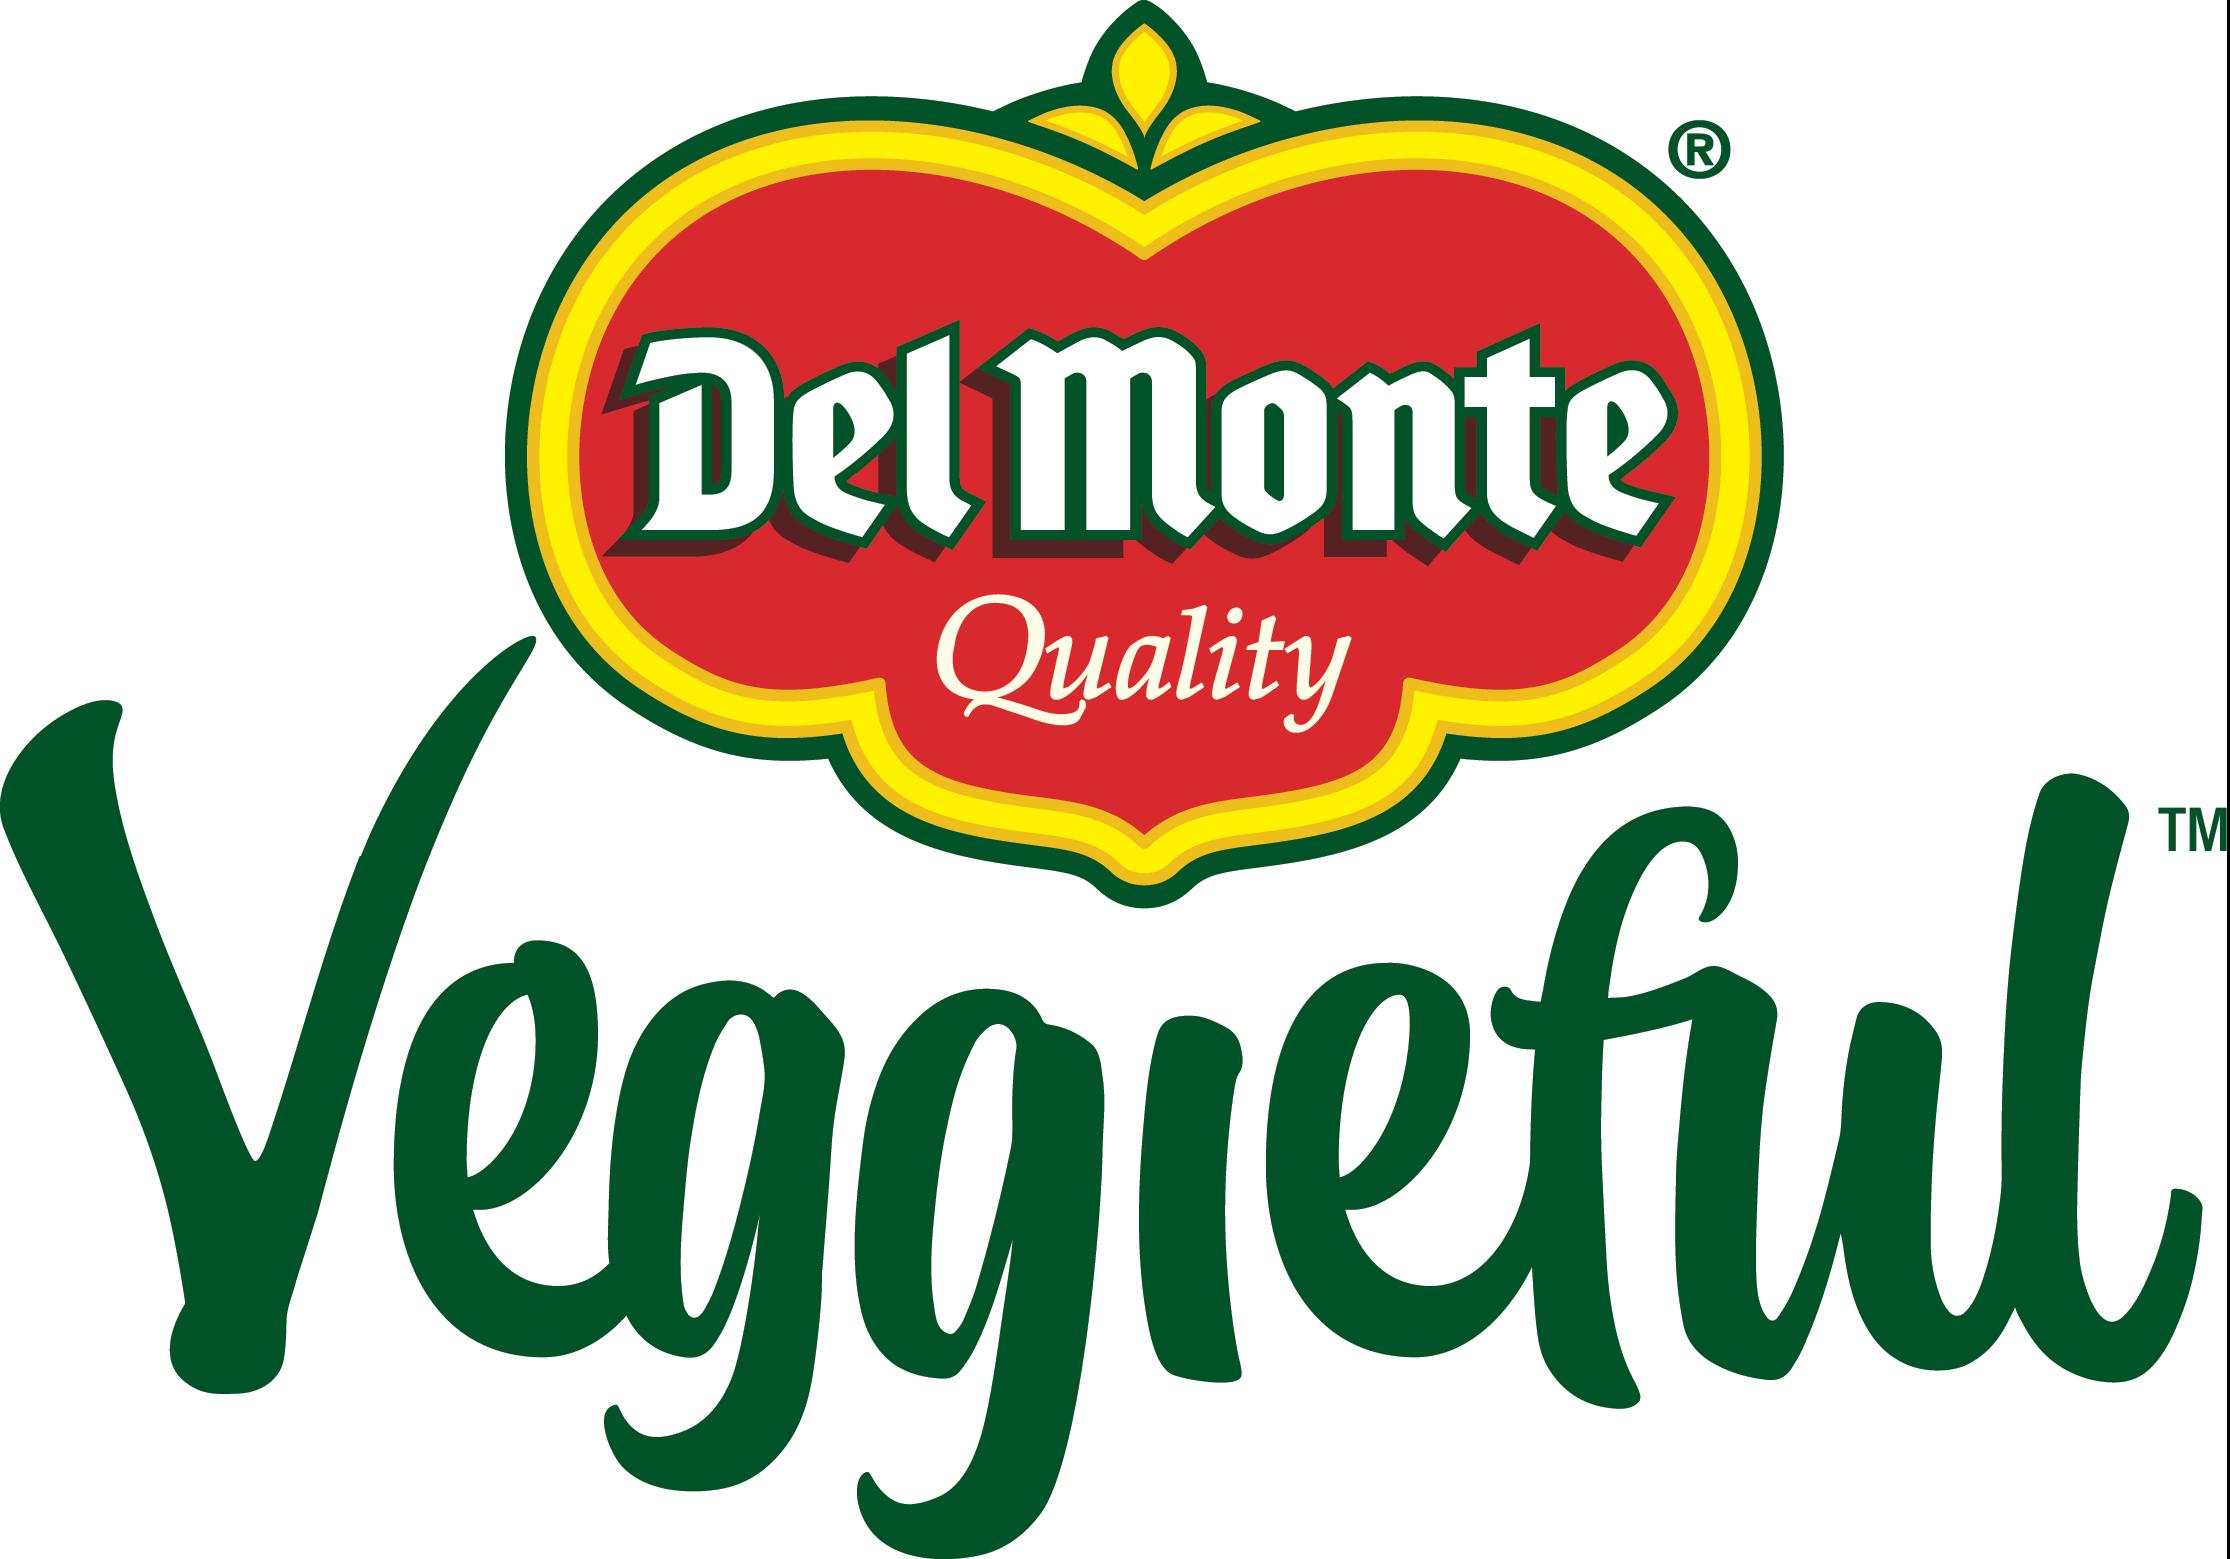 Delmonte Veggieful 2021 logo